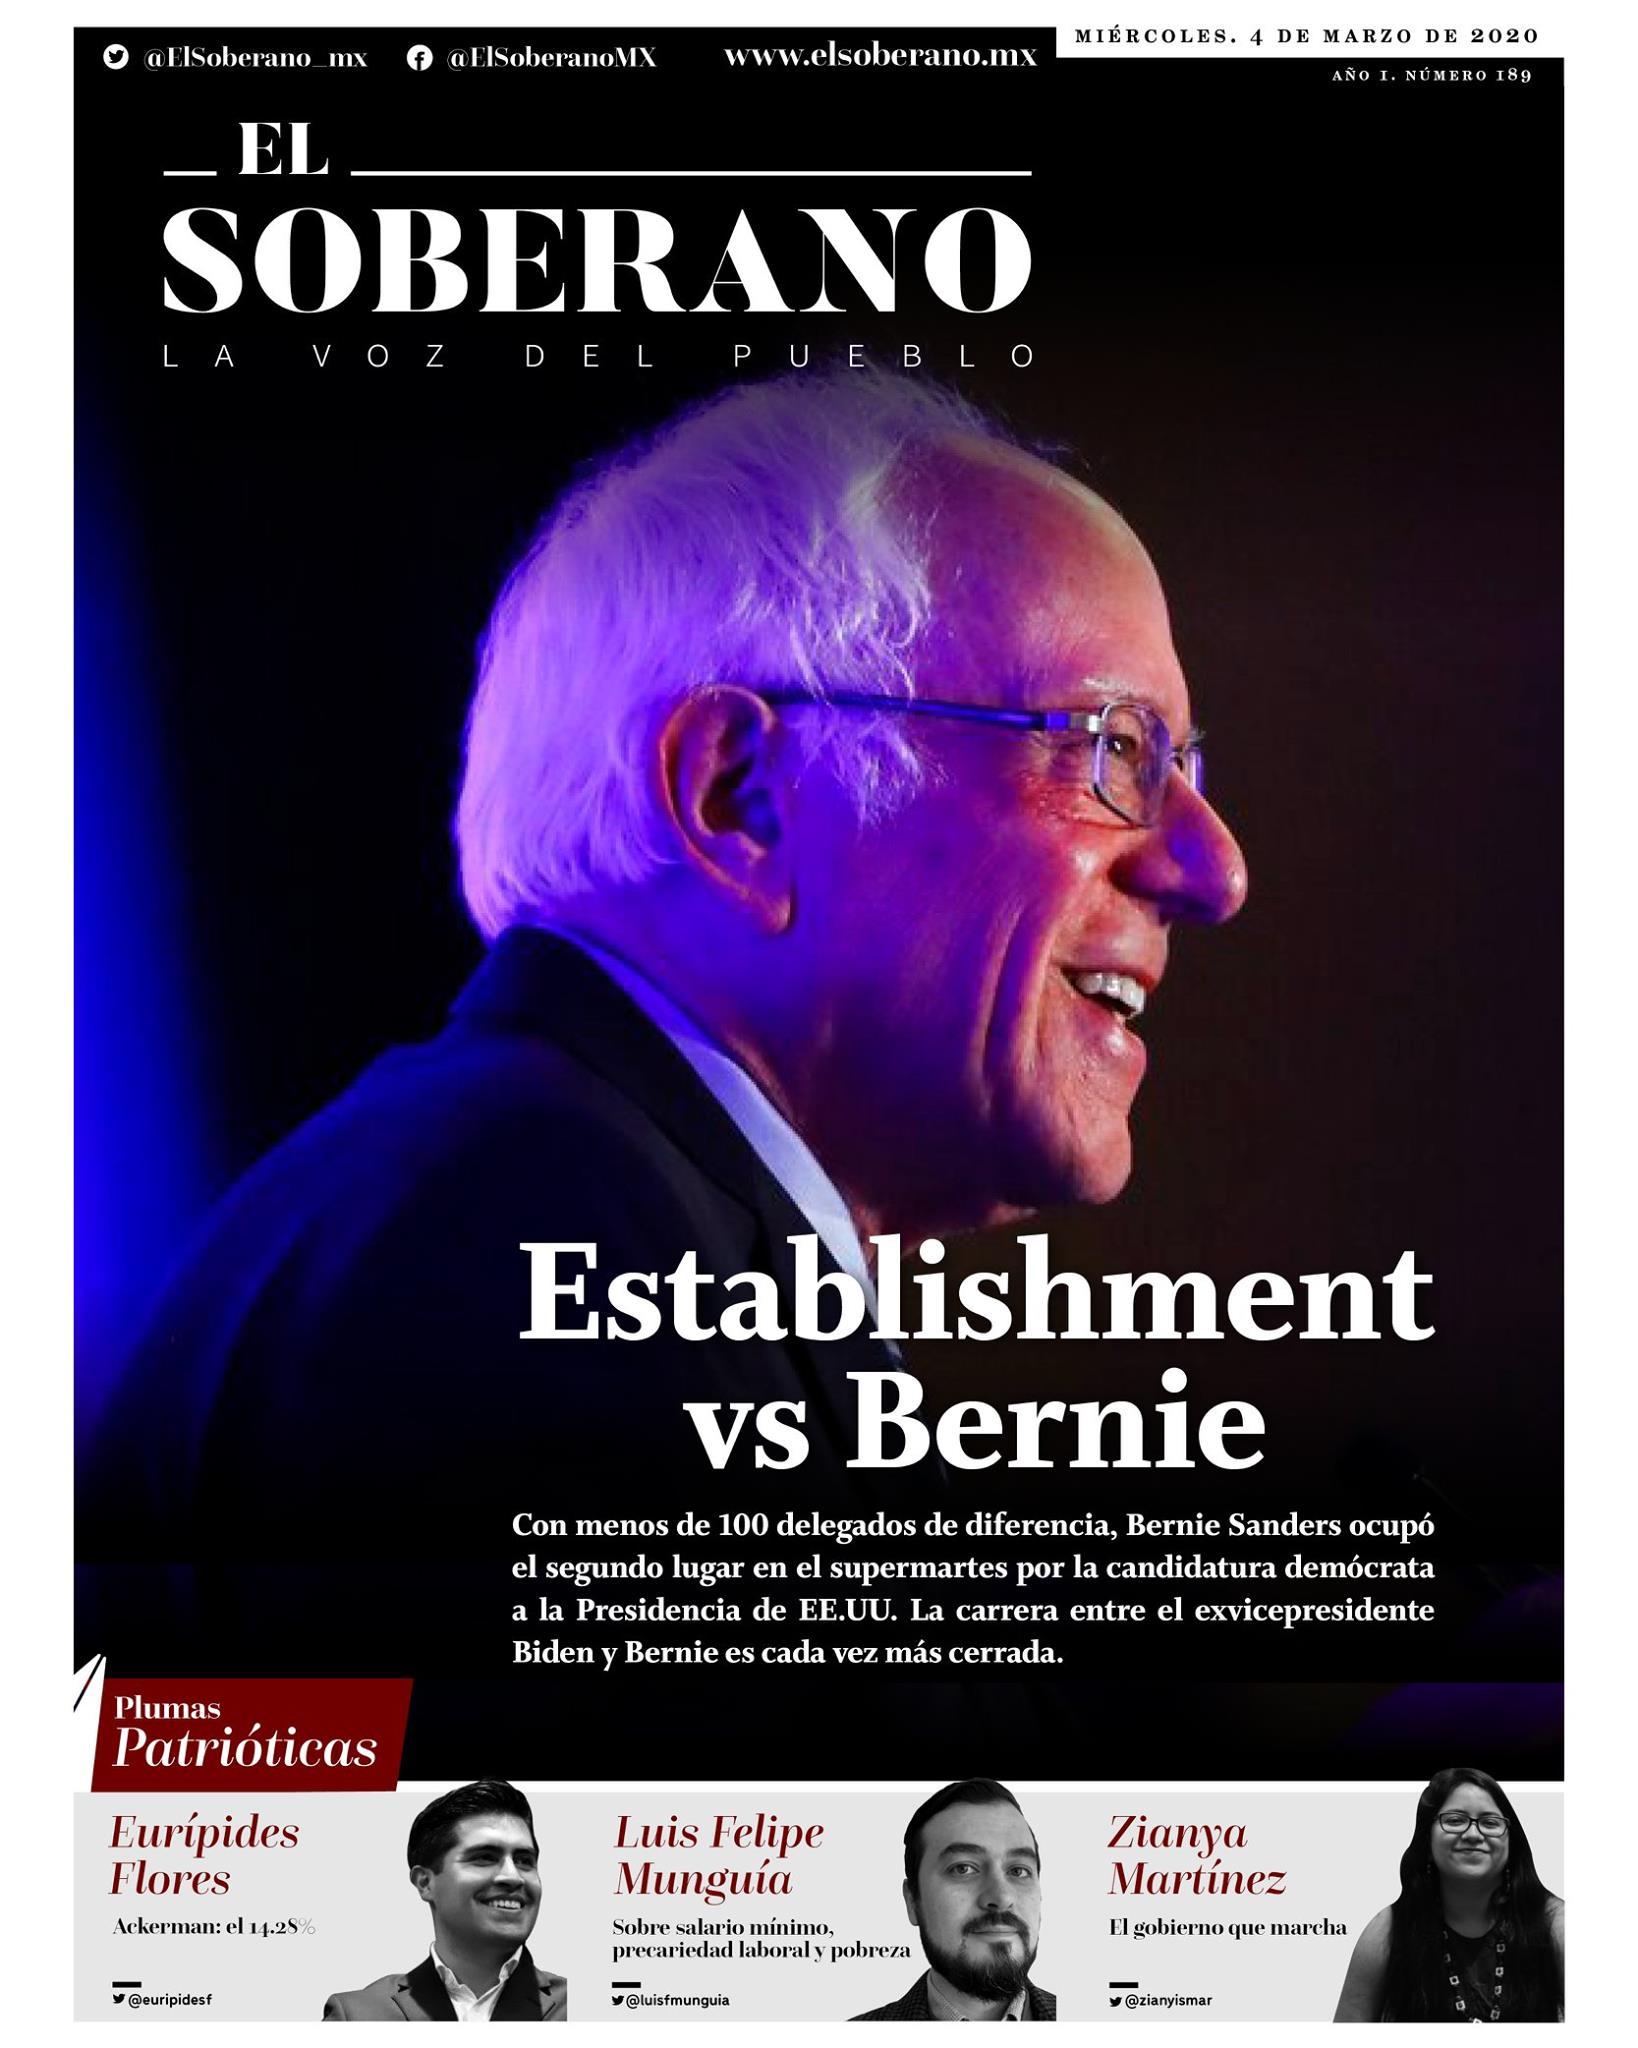 Establishment vs Bernie